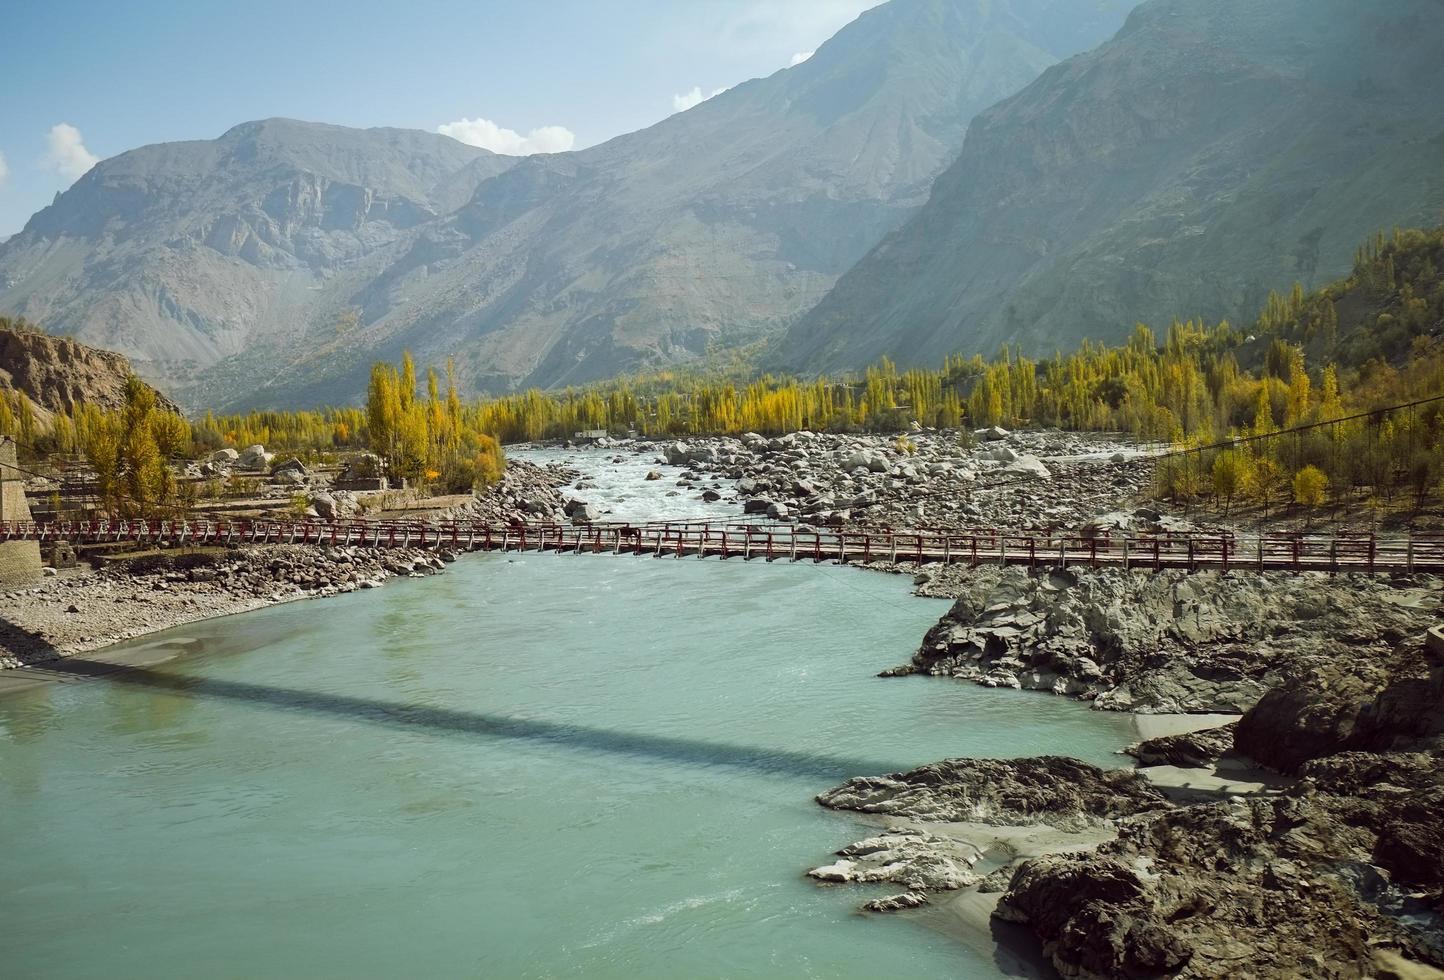 río Indo que fluye a través de la zona montañosa en Pakistán foto